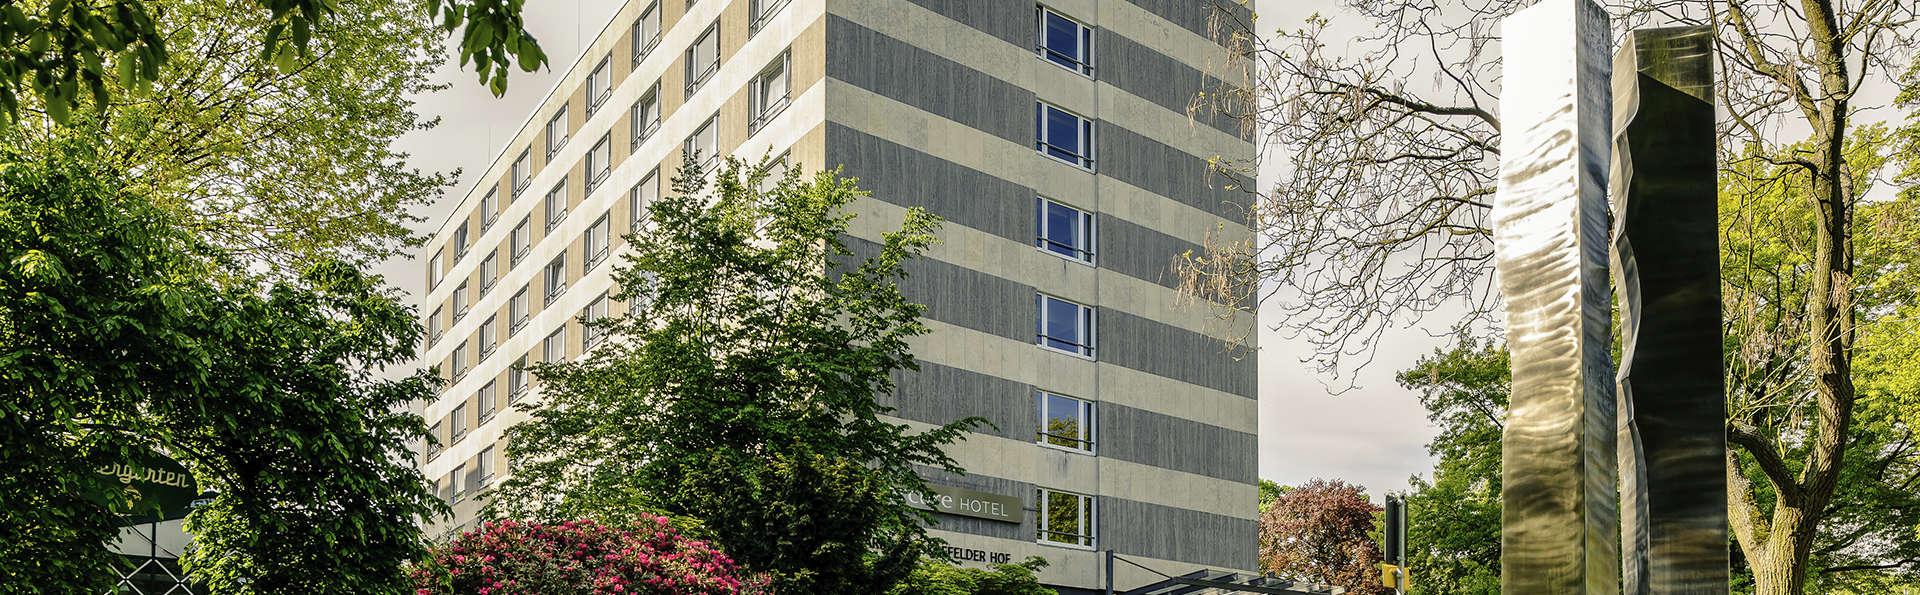 Mercure Parkhotel Krefelder Hof - EDIT_ext4.jpg